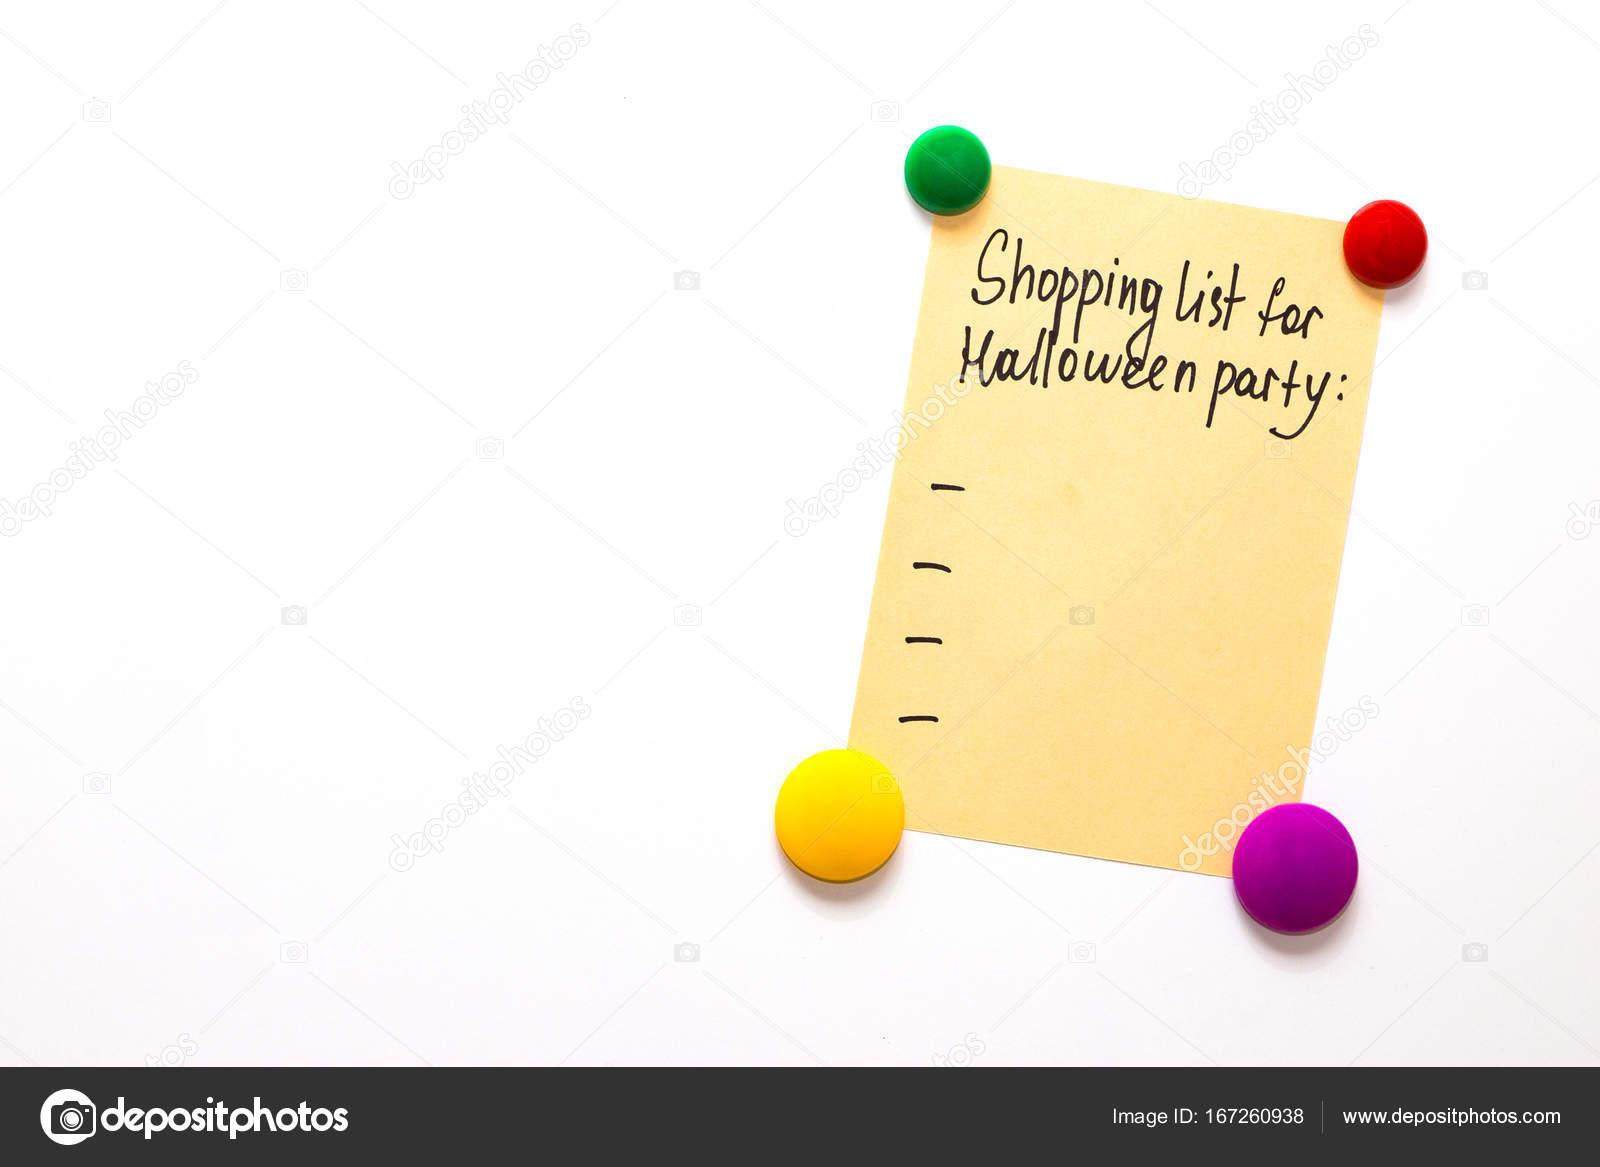 Kühlschrank Party : Kühlschrank hinweis mit dem text: einkaufsliste für halloween party